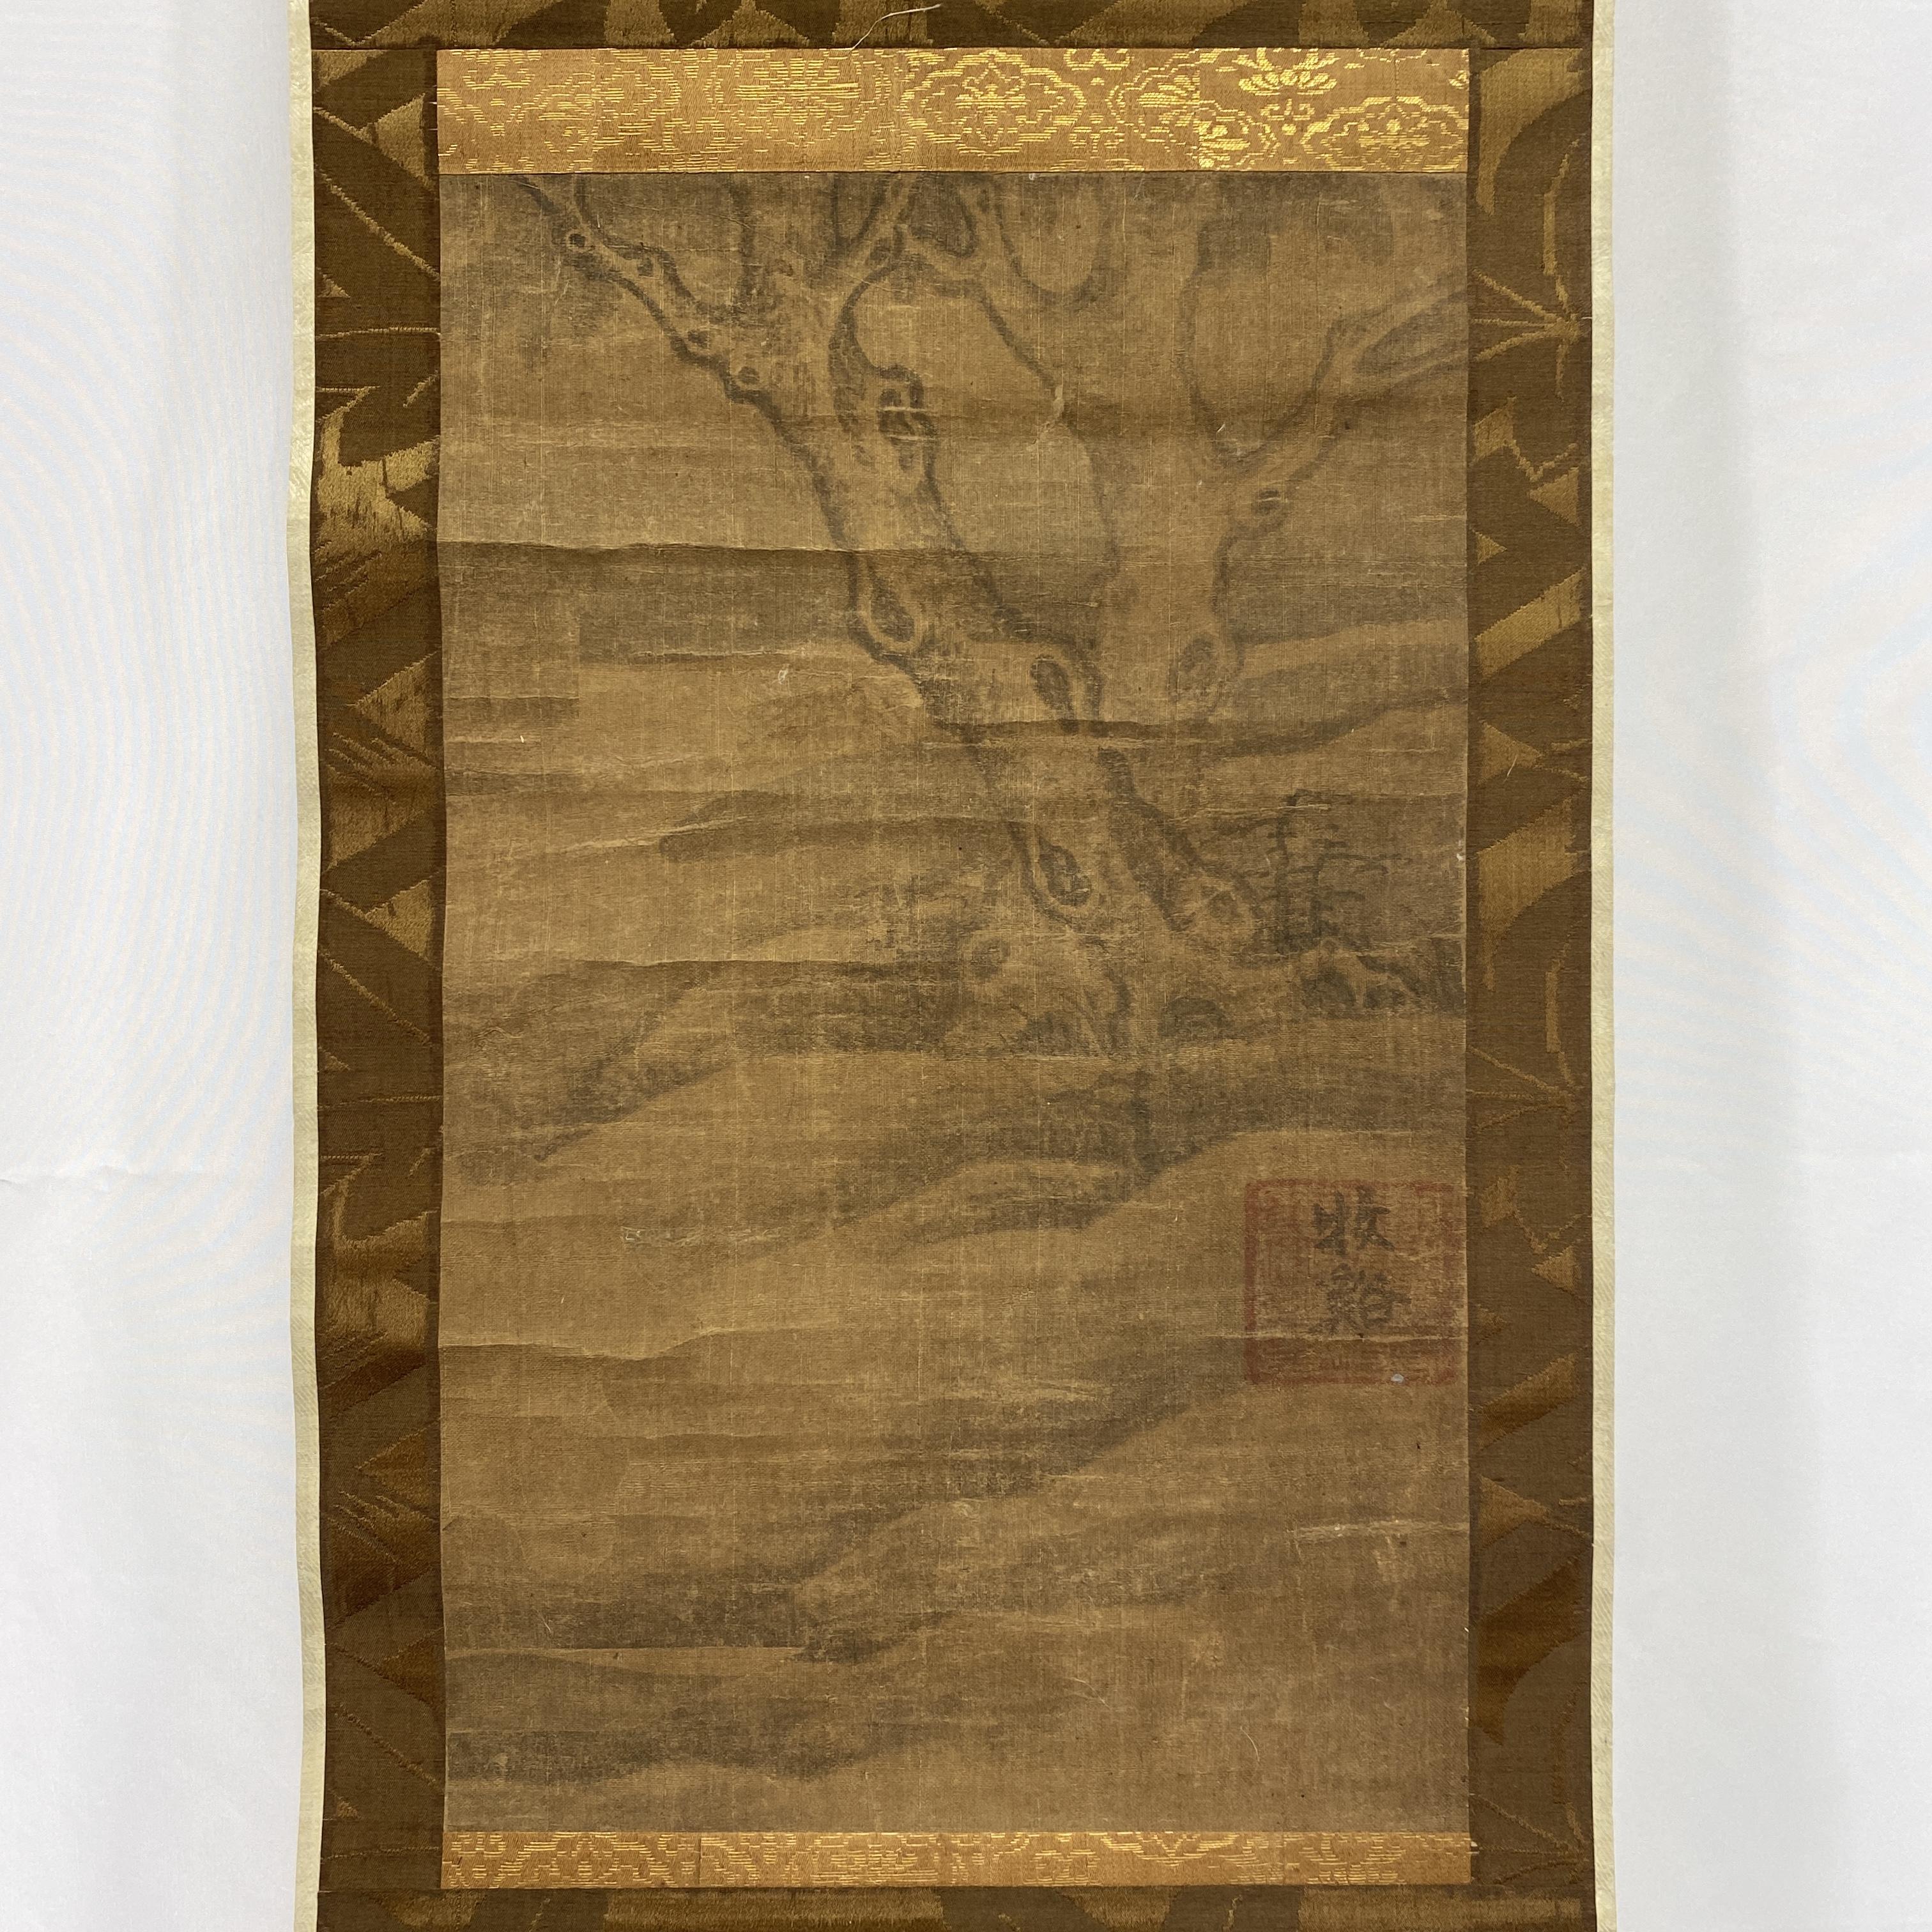 10353「牧谿」款 古画 古木図 軸37.2×23cm